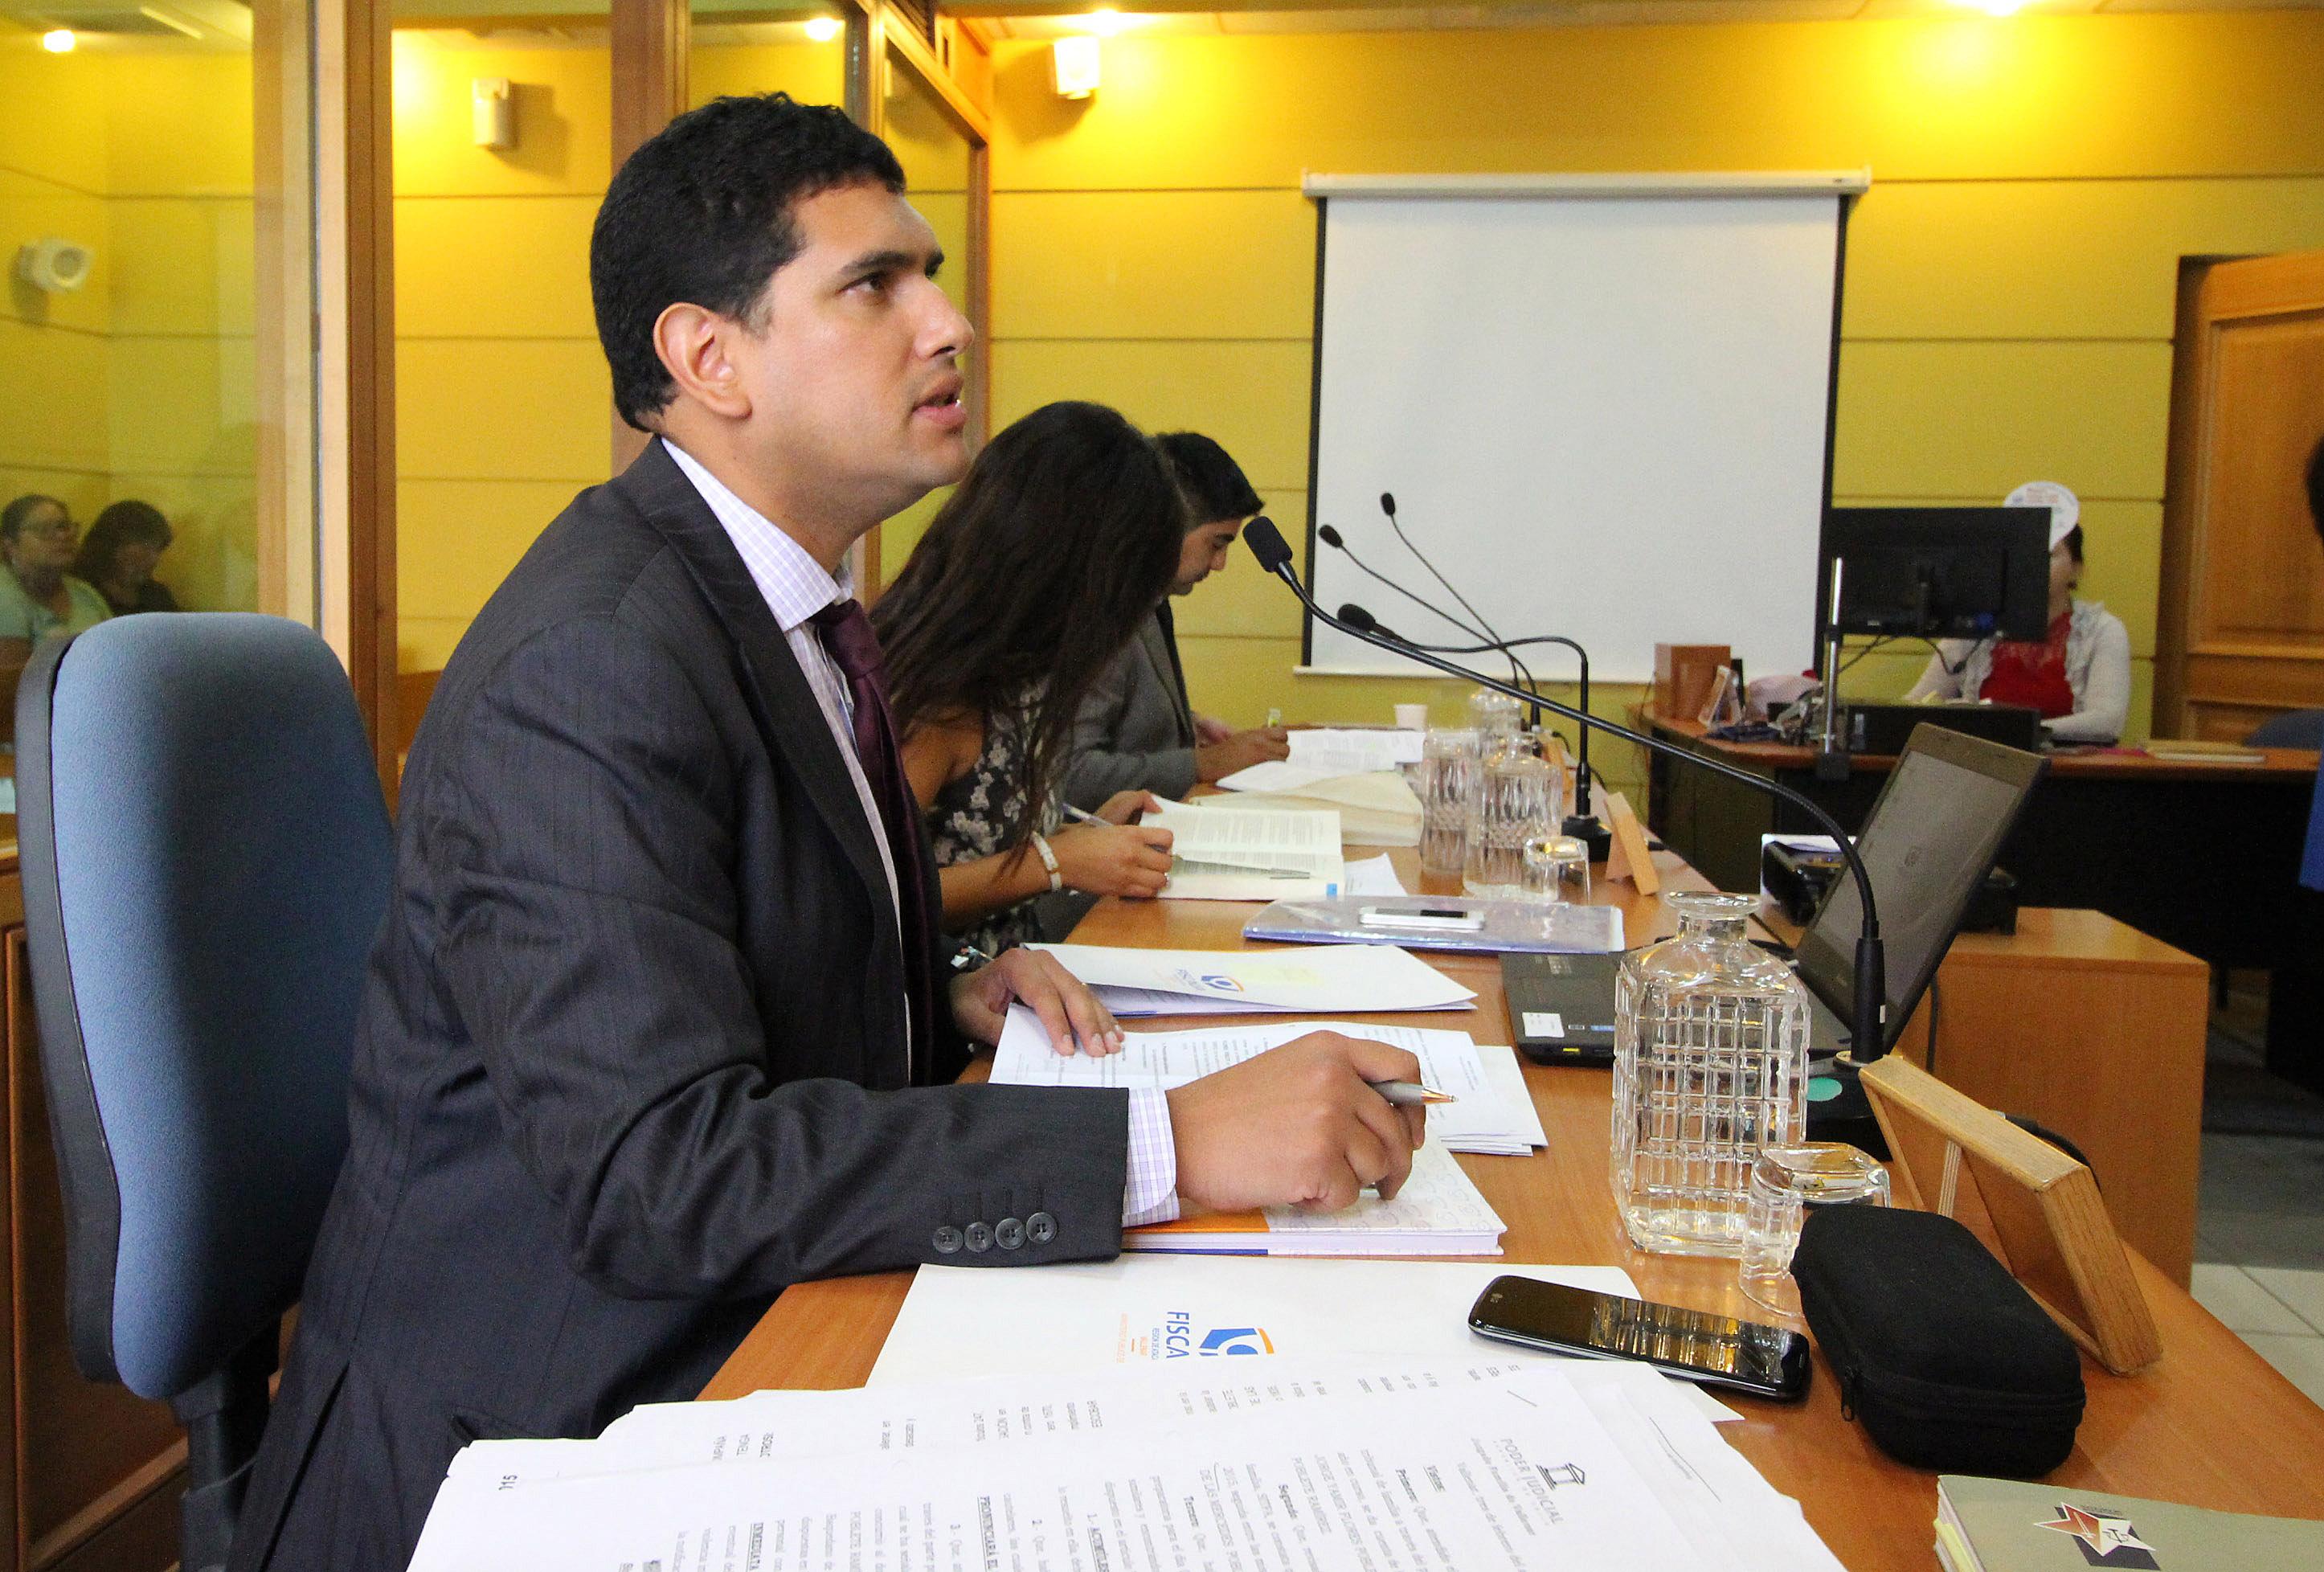 Fiscalía pide presidio perpetuo simple en caso de femicidio ocurrido en Vallenar